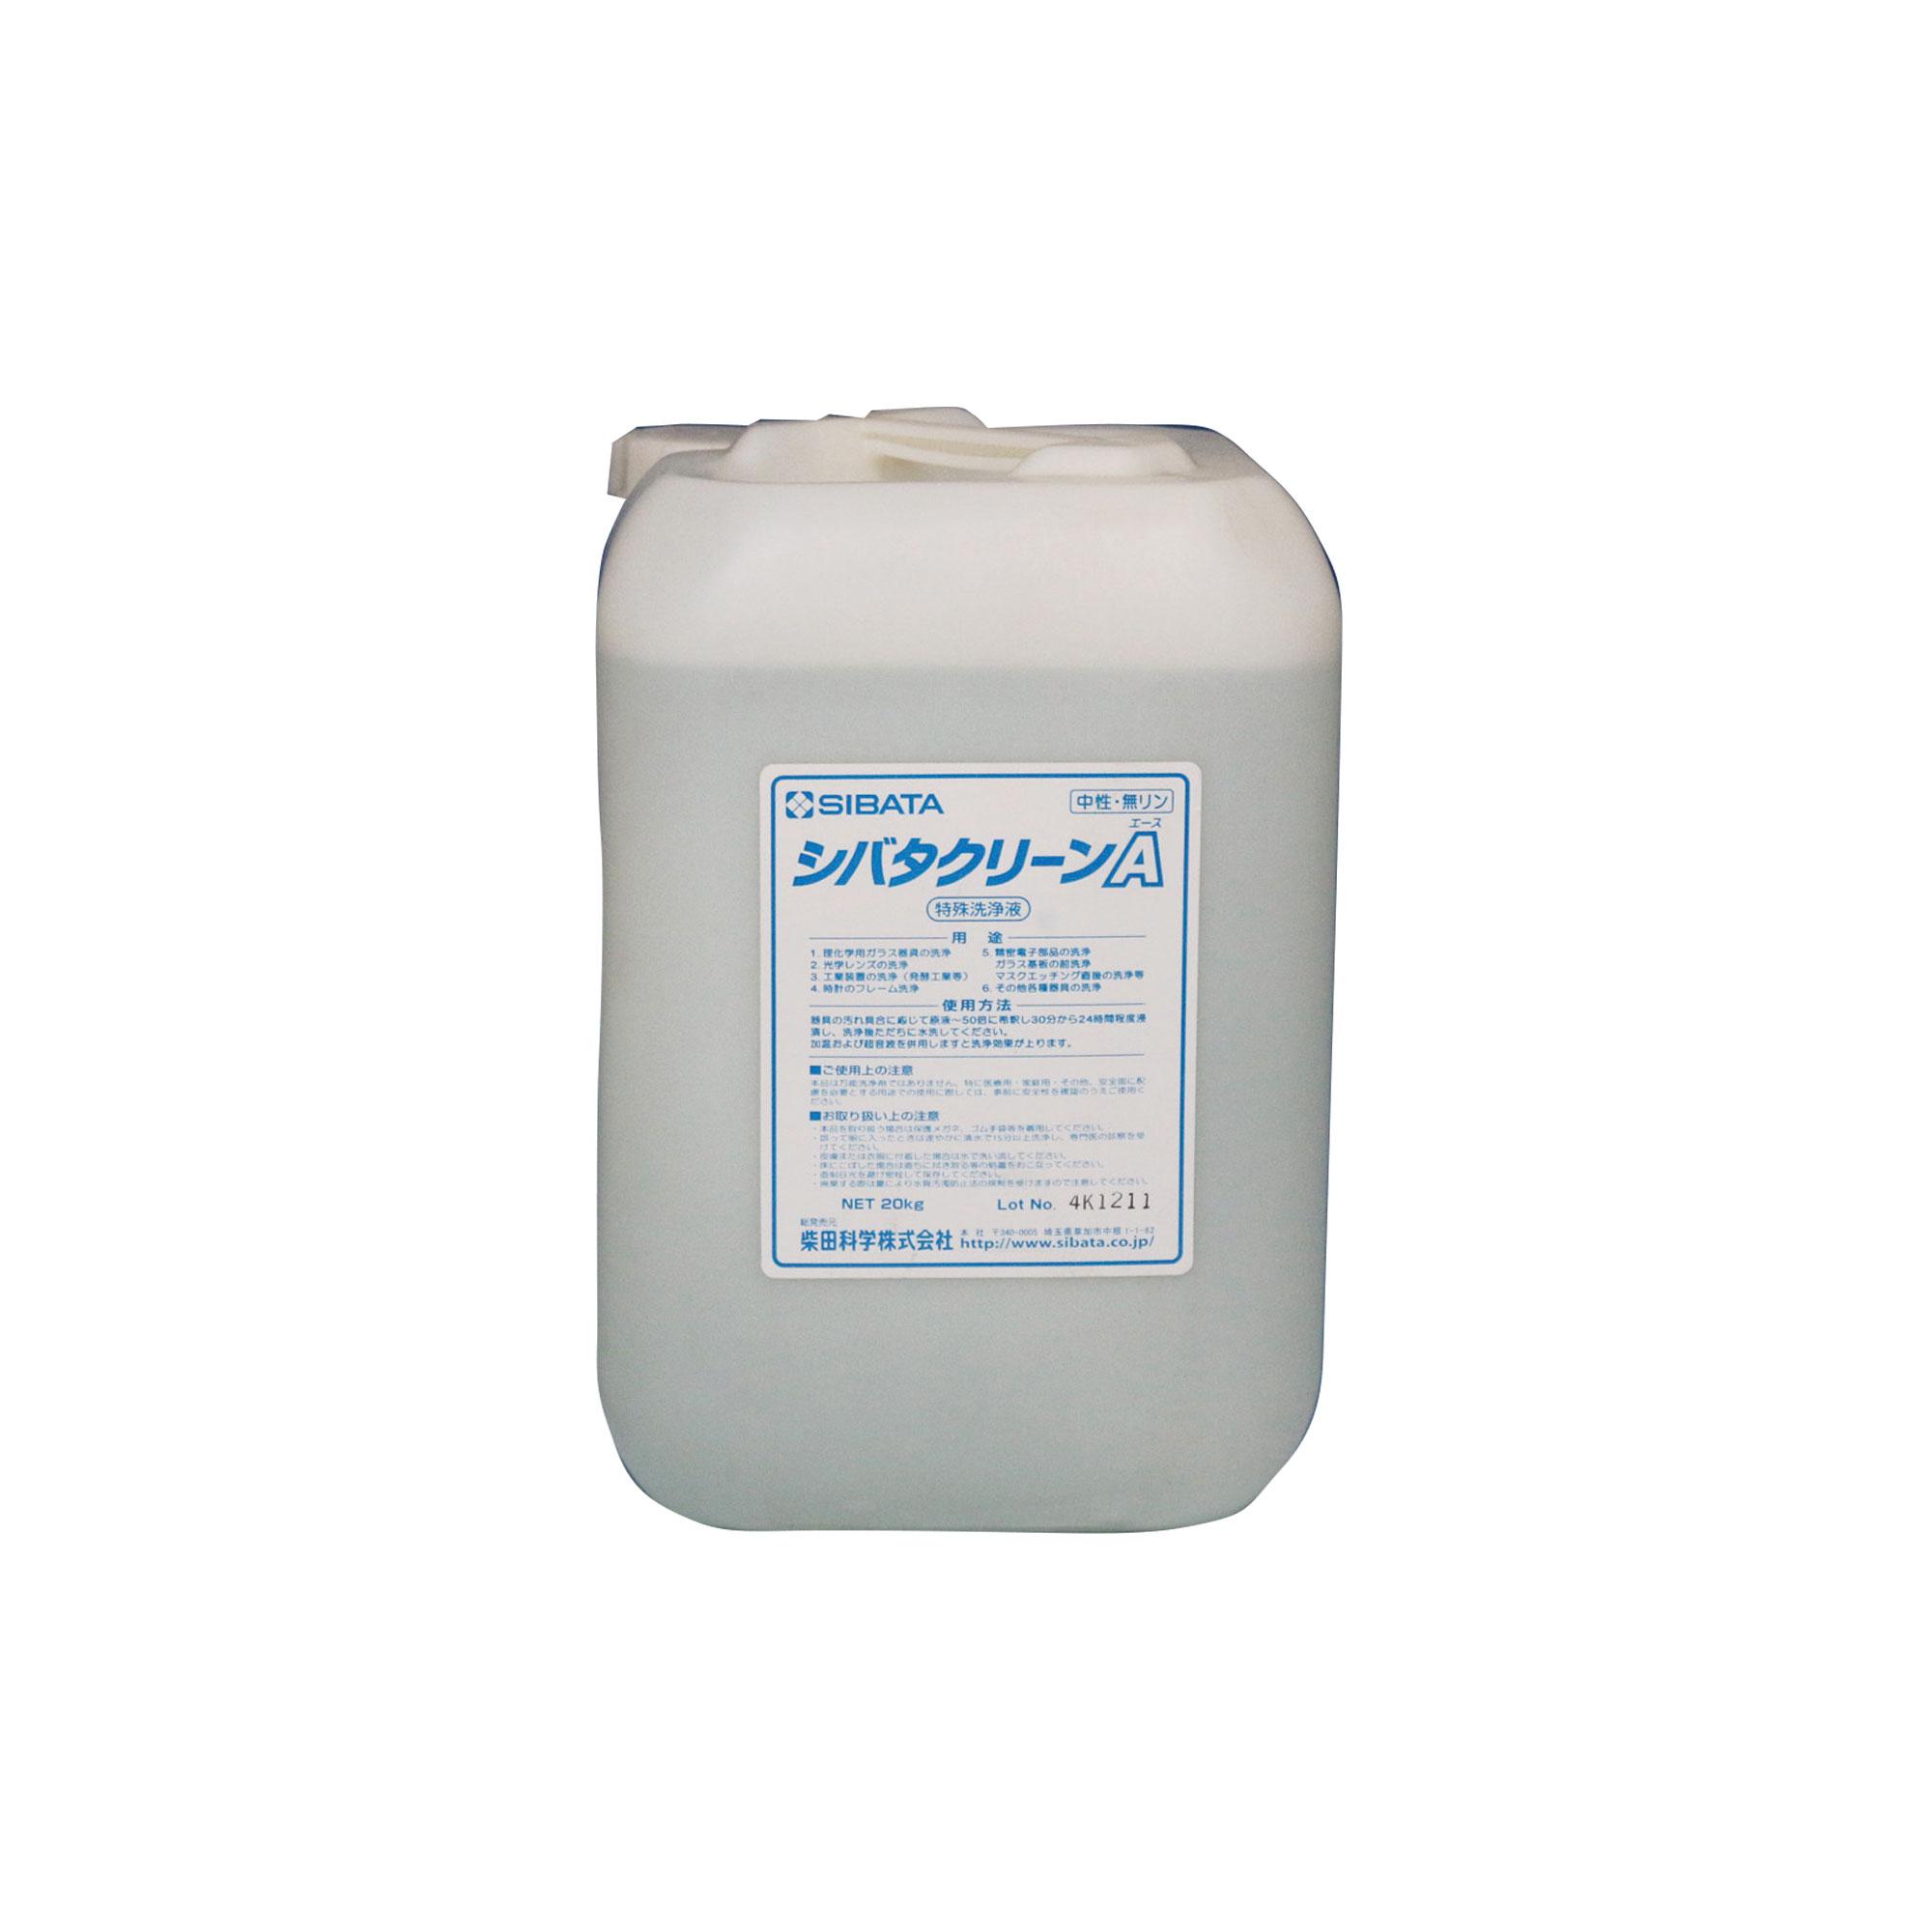 洗浄剤 シバタクリーンA 20kg